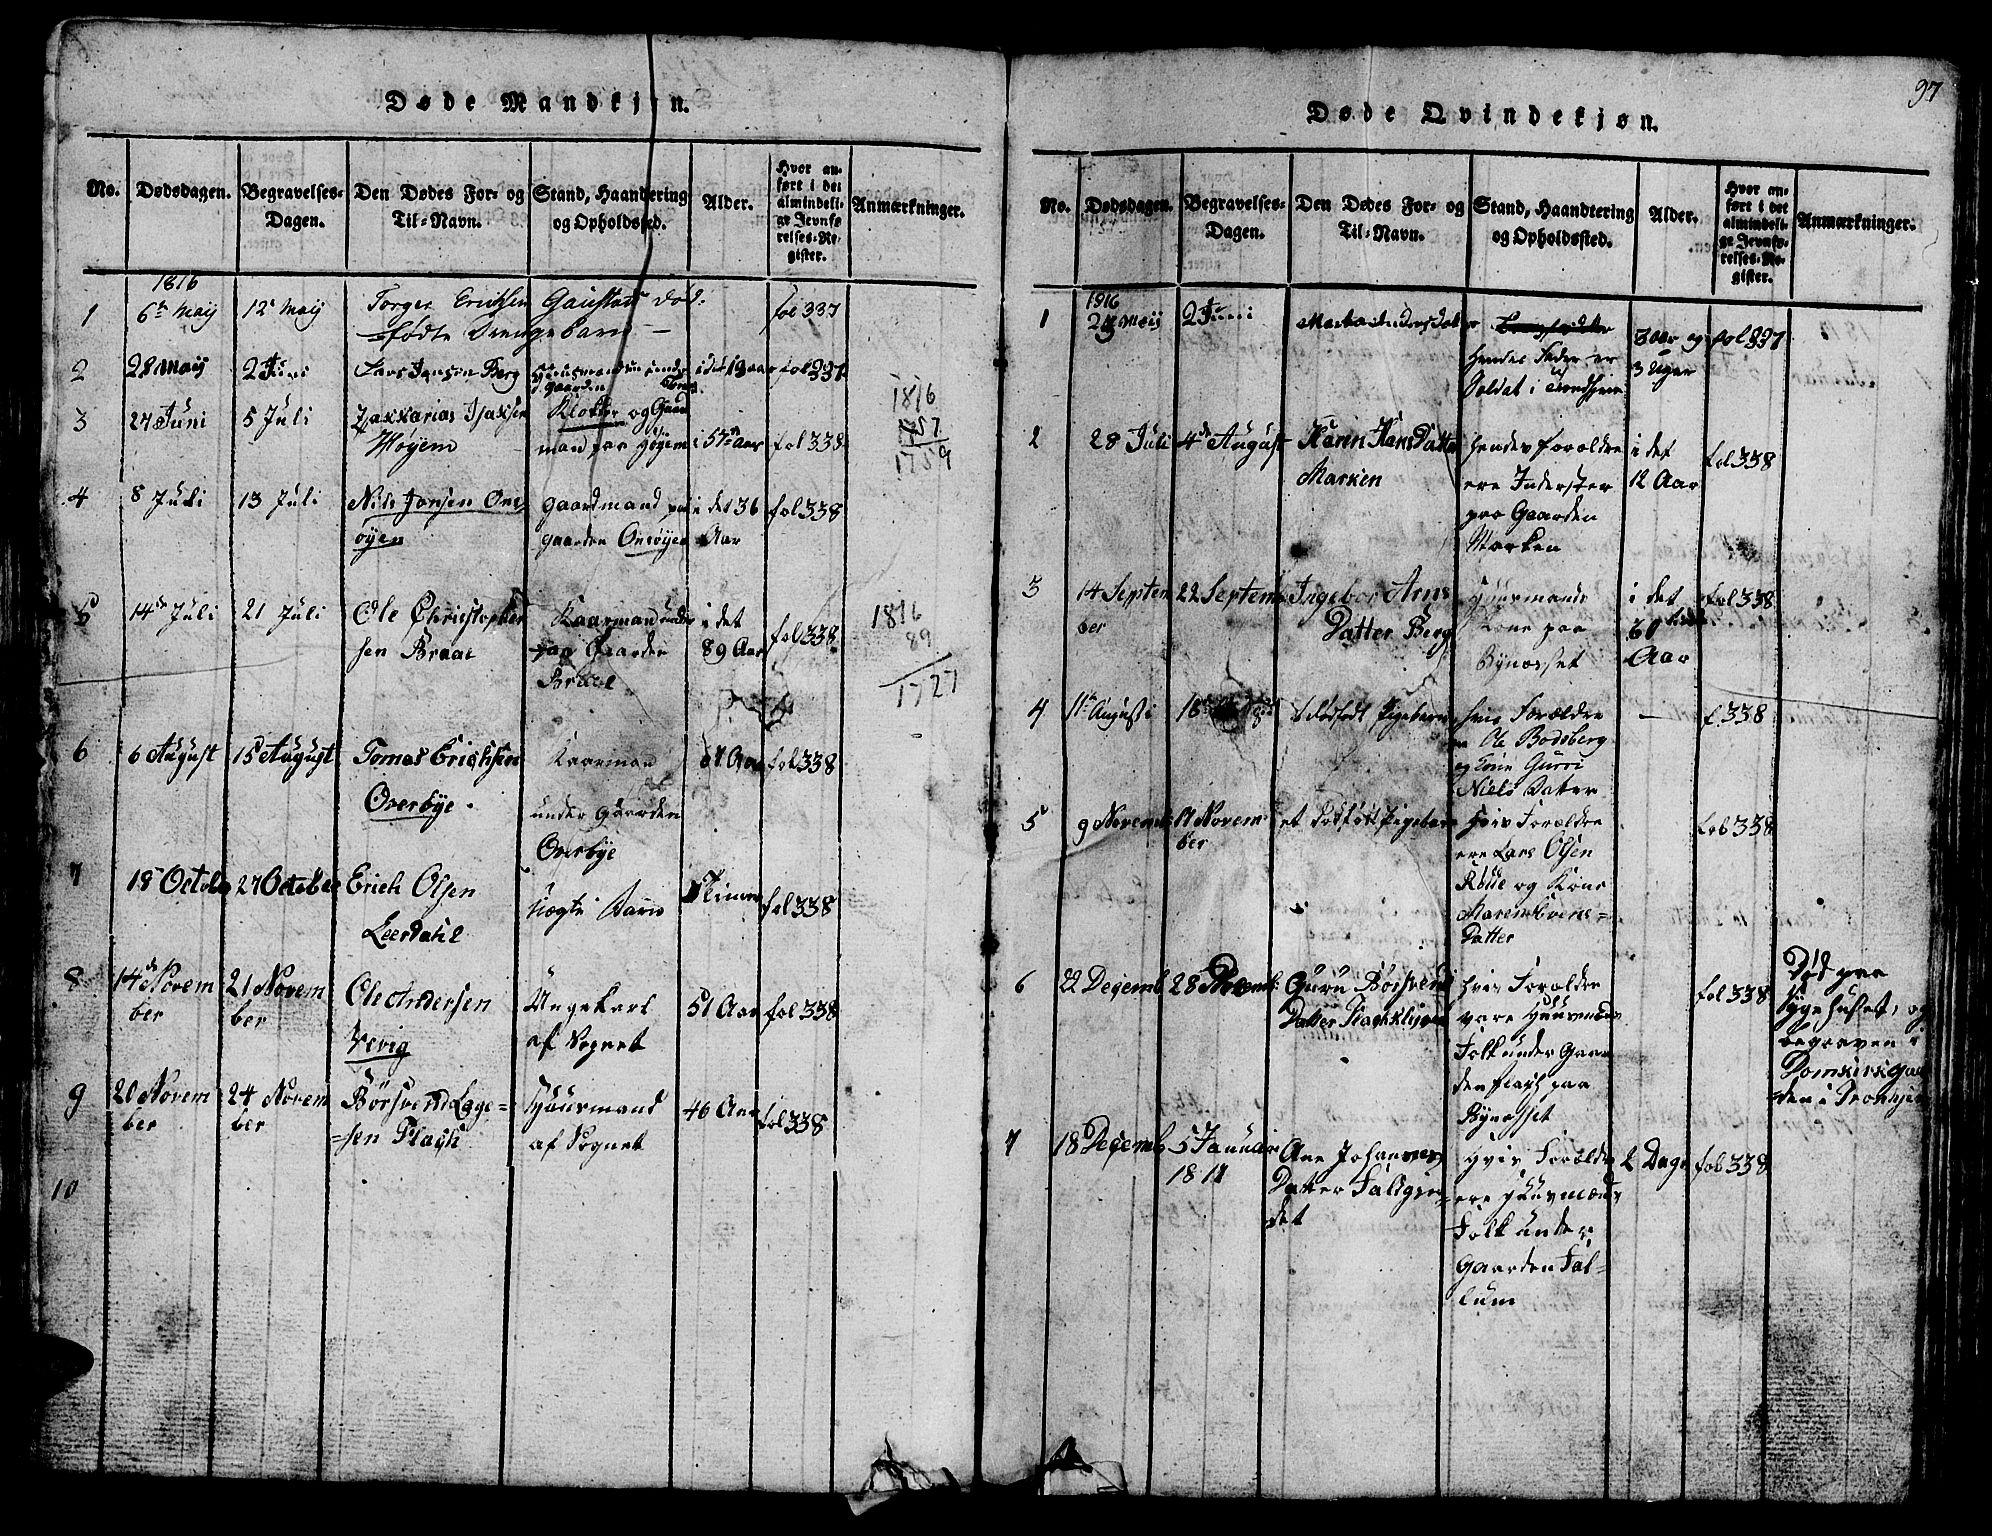 SAT, Ministerialprotokoller, klokkerbøker og fødselsregistre - Sør-Trøndelag, 612/L0385: Klokkerbok nr. 612C01, 1816-1845, s. 97